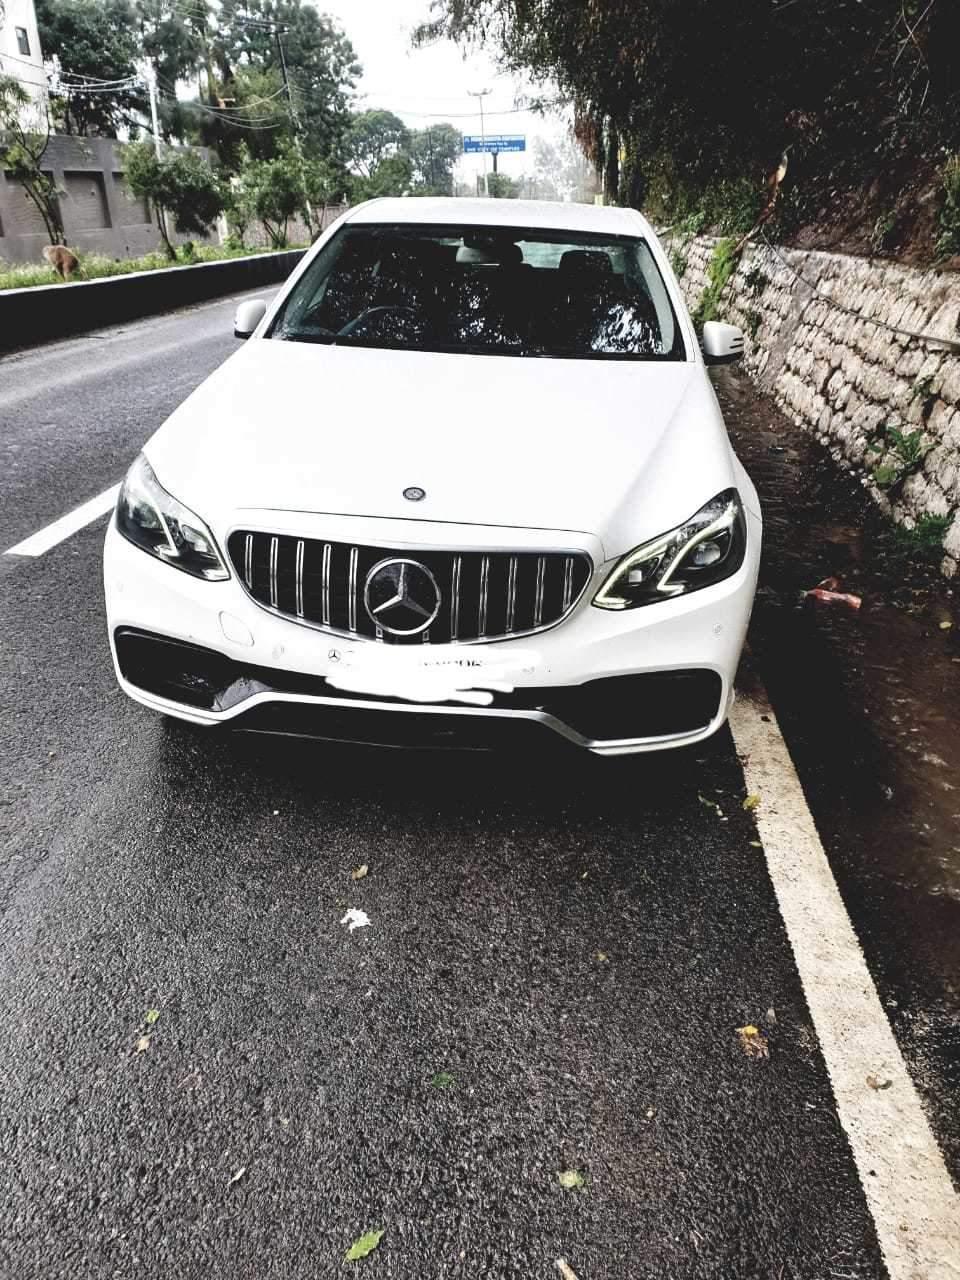 Mercedes Benz E Class Left Side View